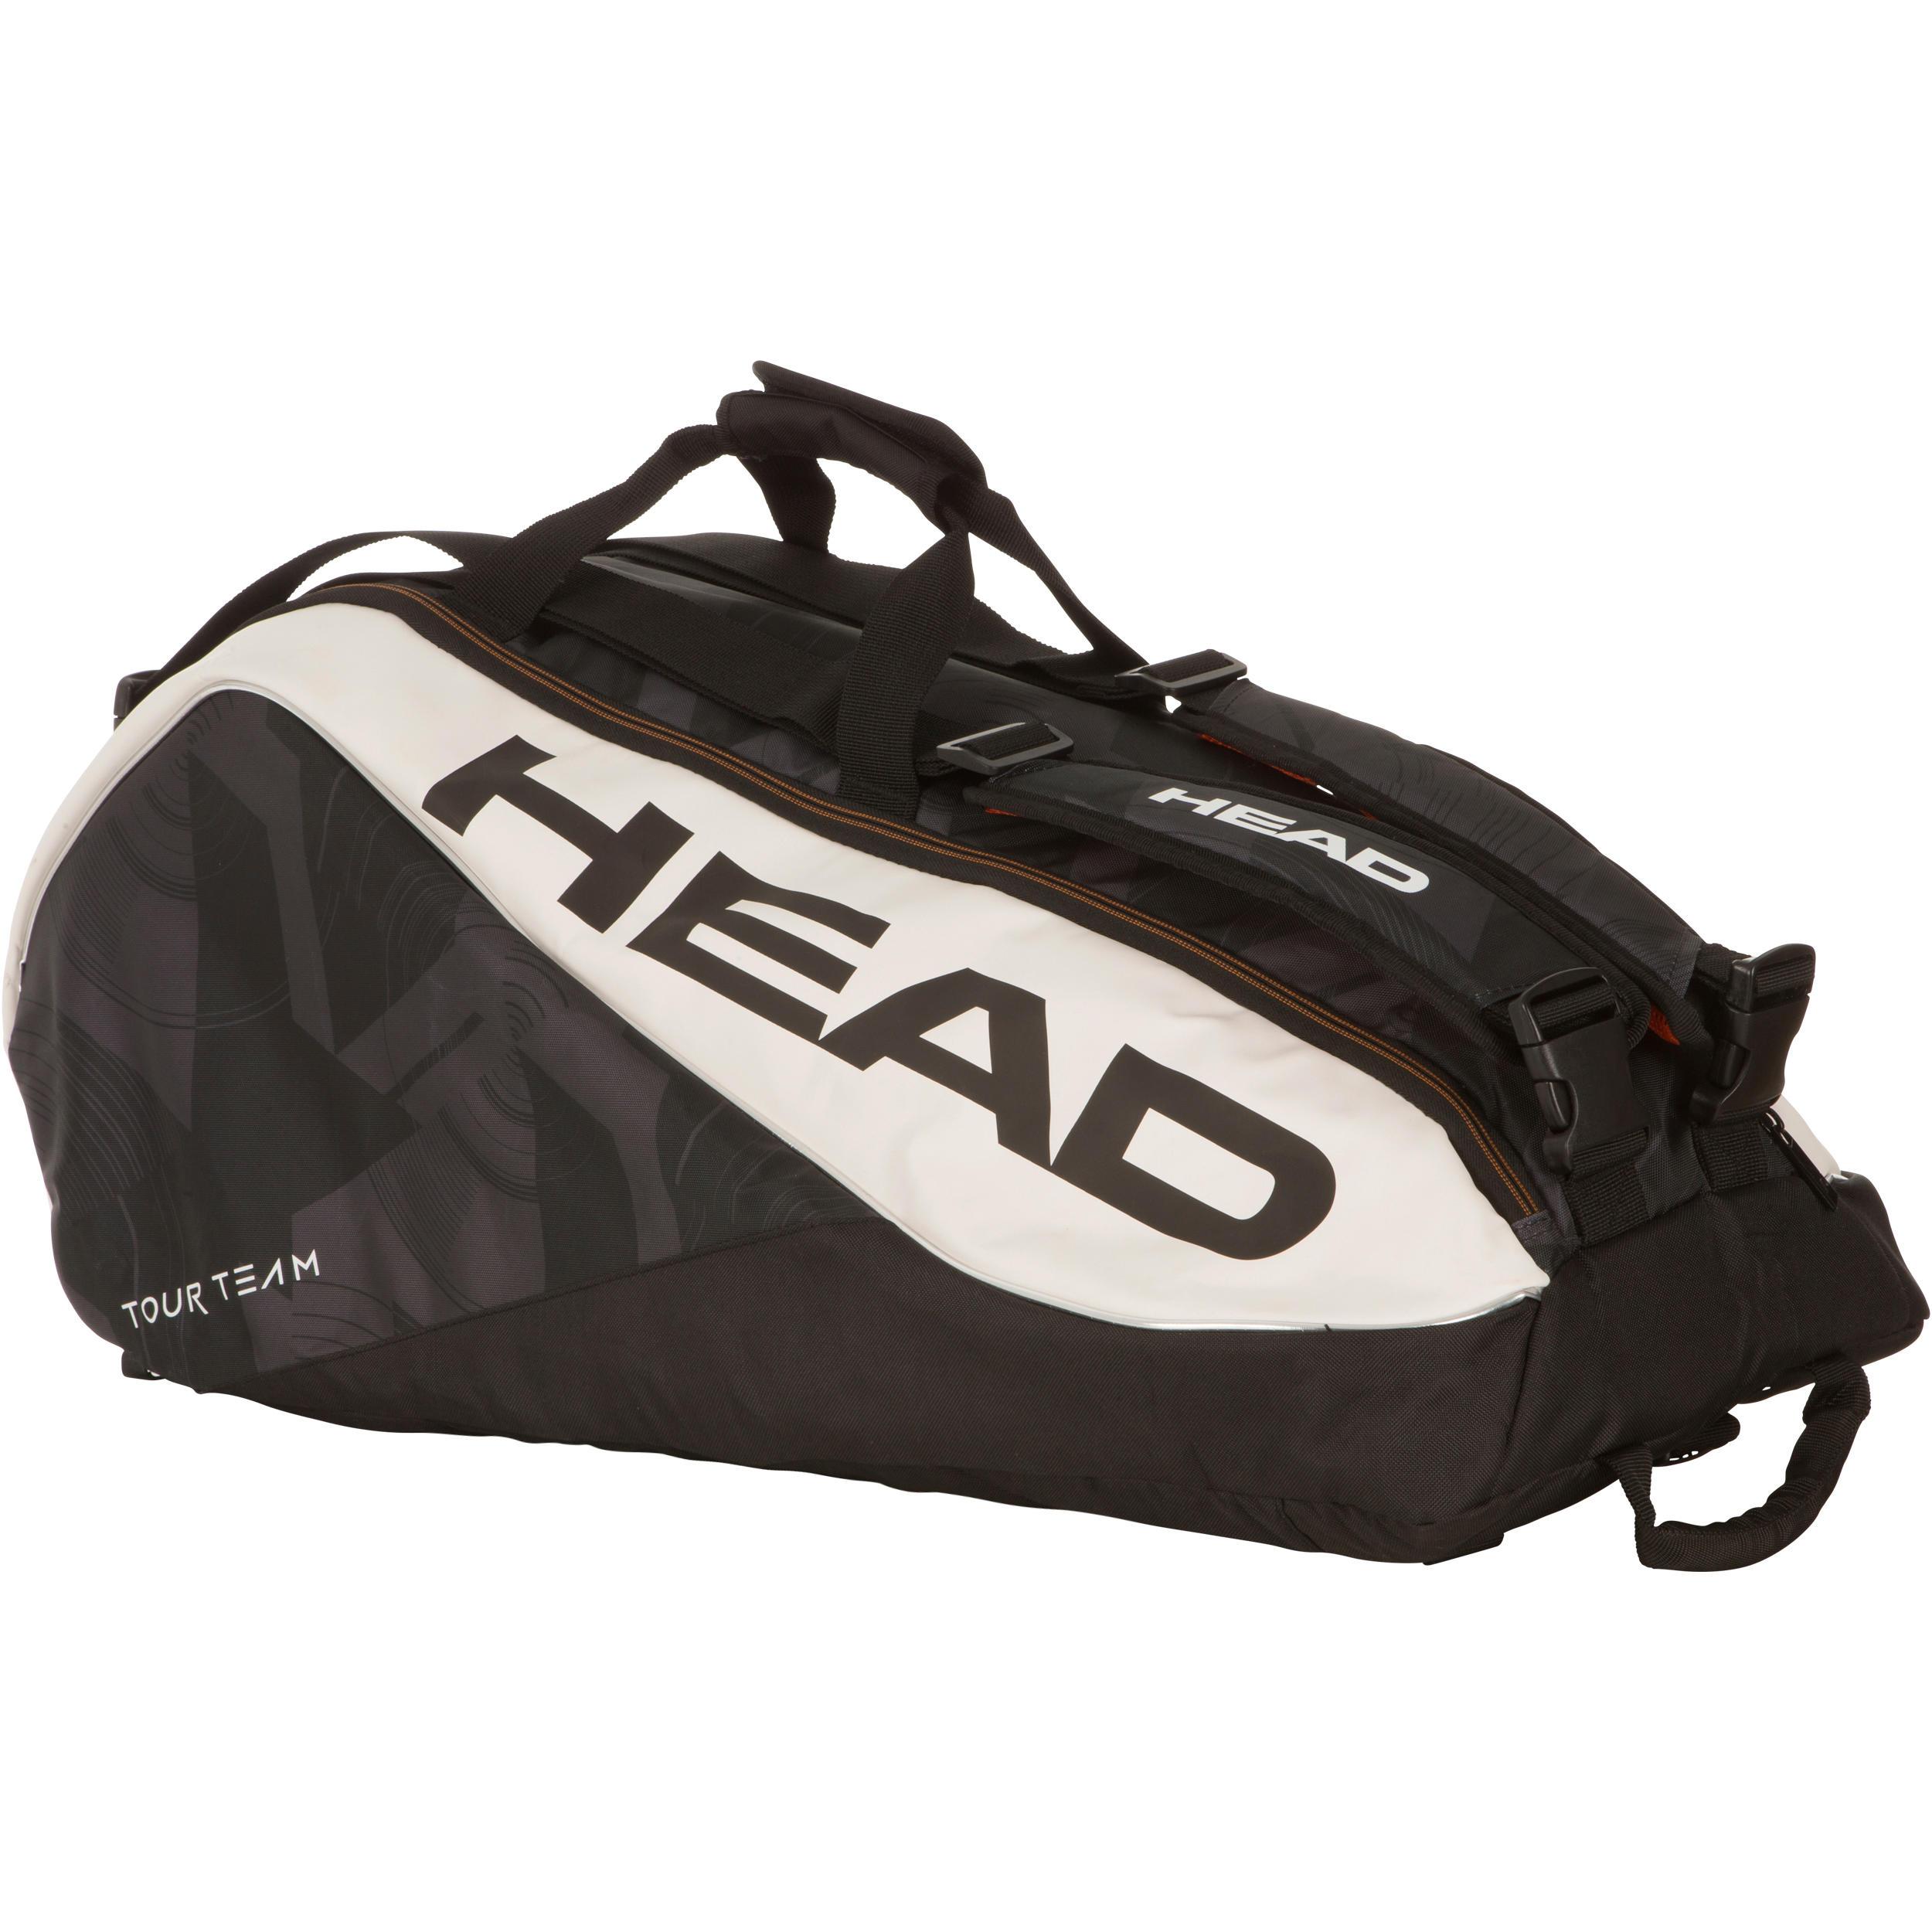 Head Tennistas Tour Team Supercombi zwart/wit voor 9 rackets